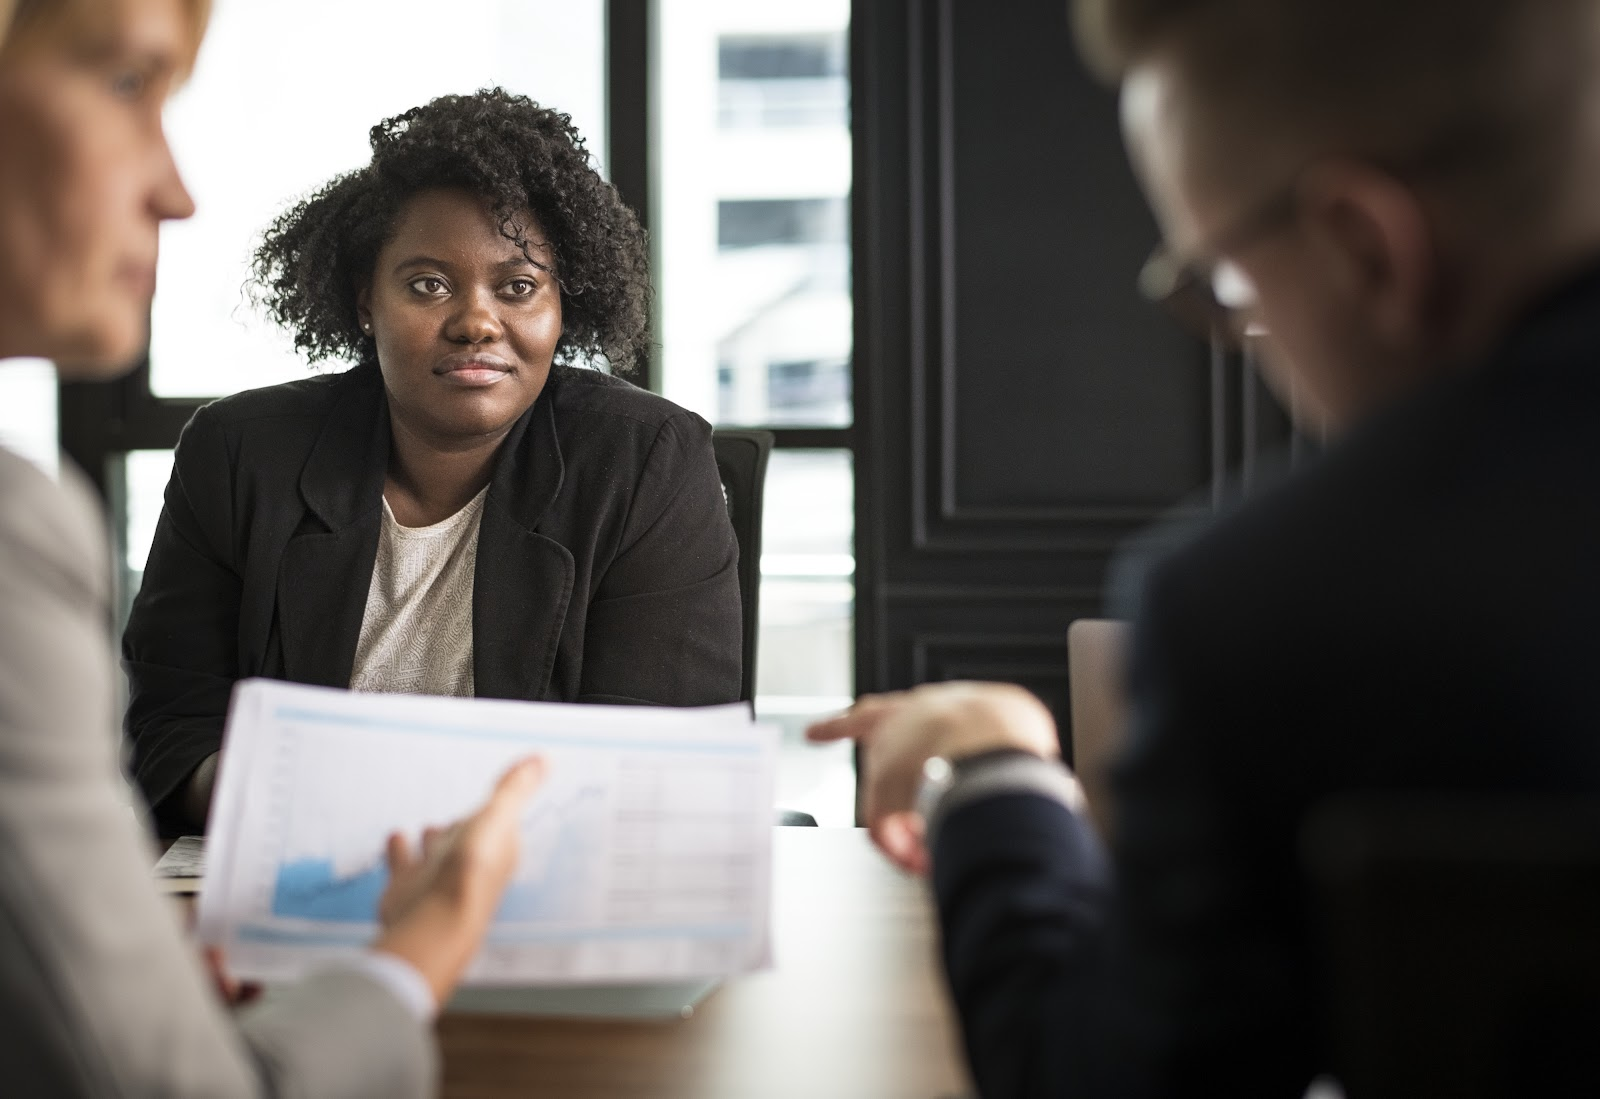 Uma mulher ouvindo dois homens conversar sobre um gráfico